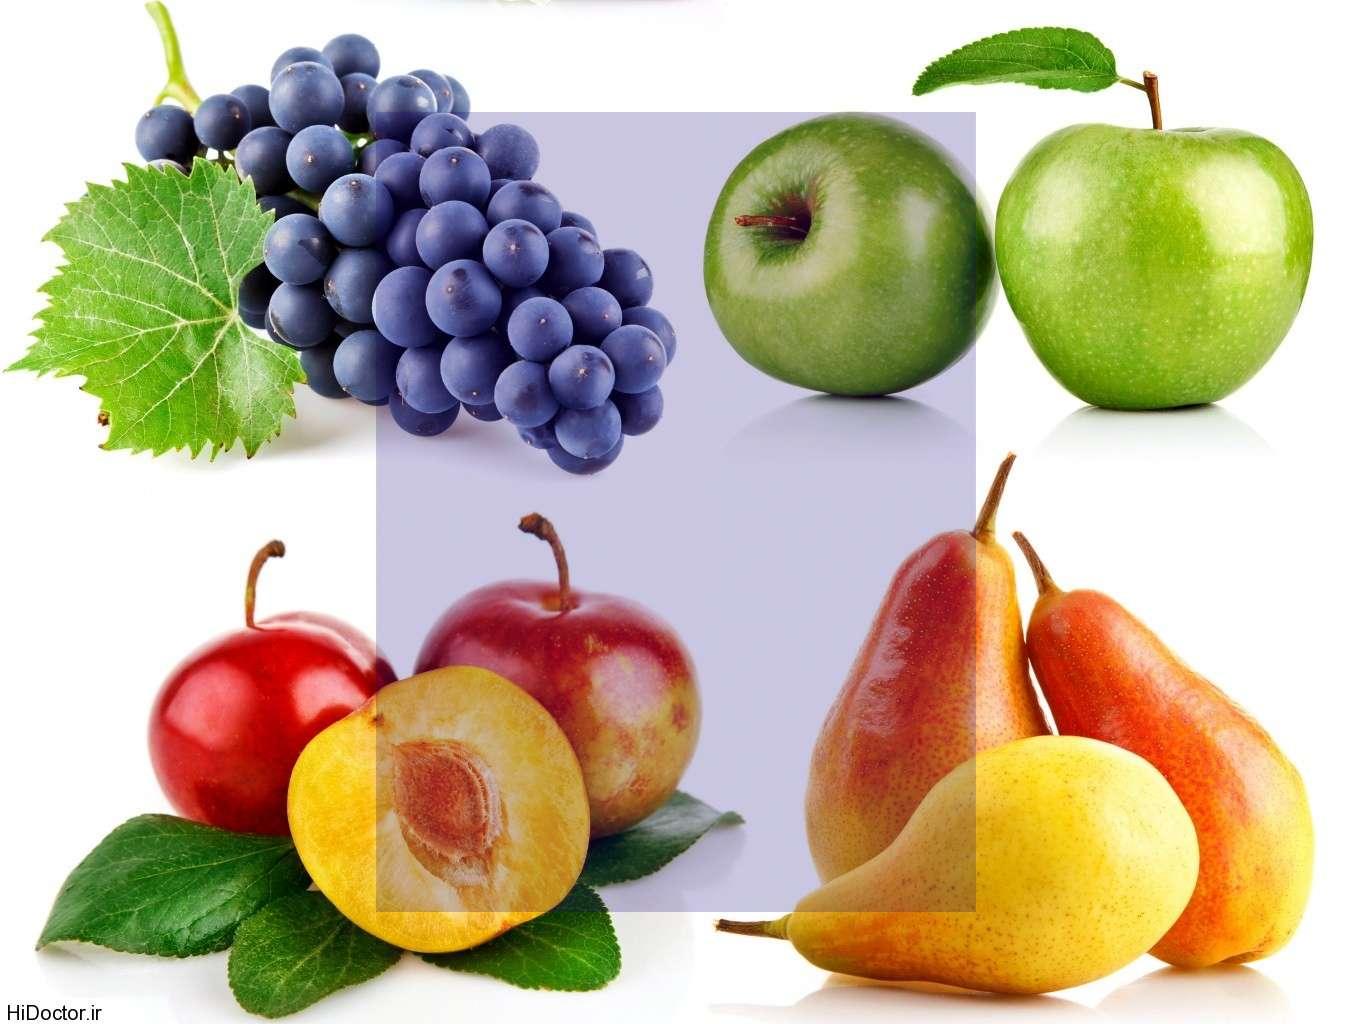 تعبیر خواب میوه , تعبیرخواب میوه , میوه در خواب دیدن